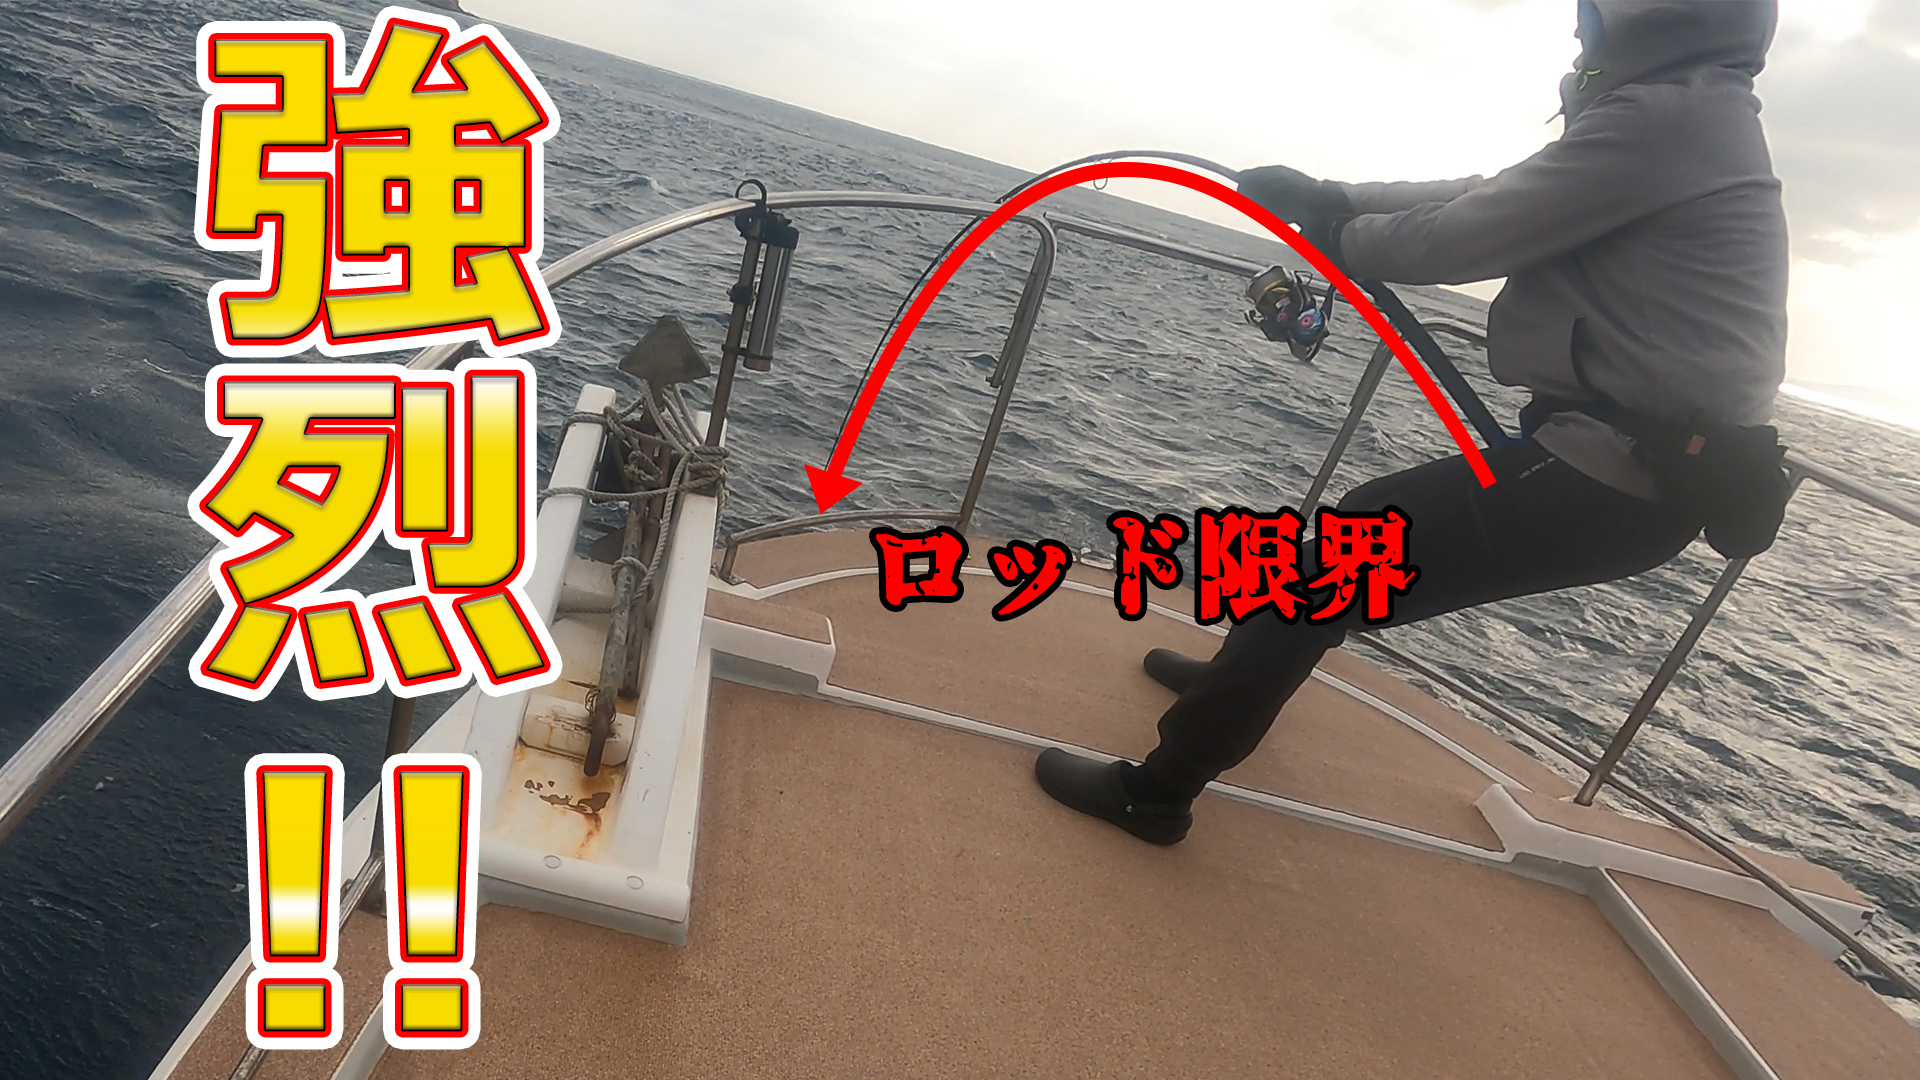 遂にモンスター現る!?ヒラマサキャステンング【五島列島】part2